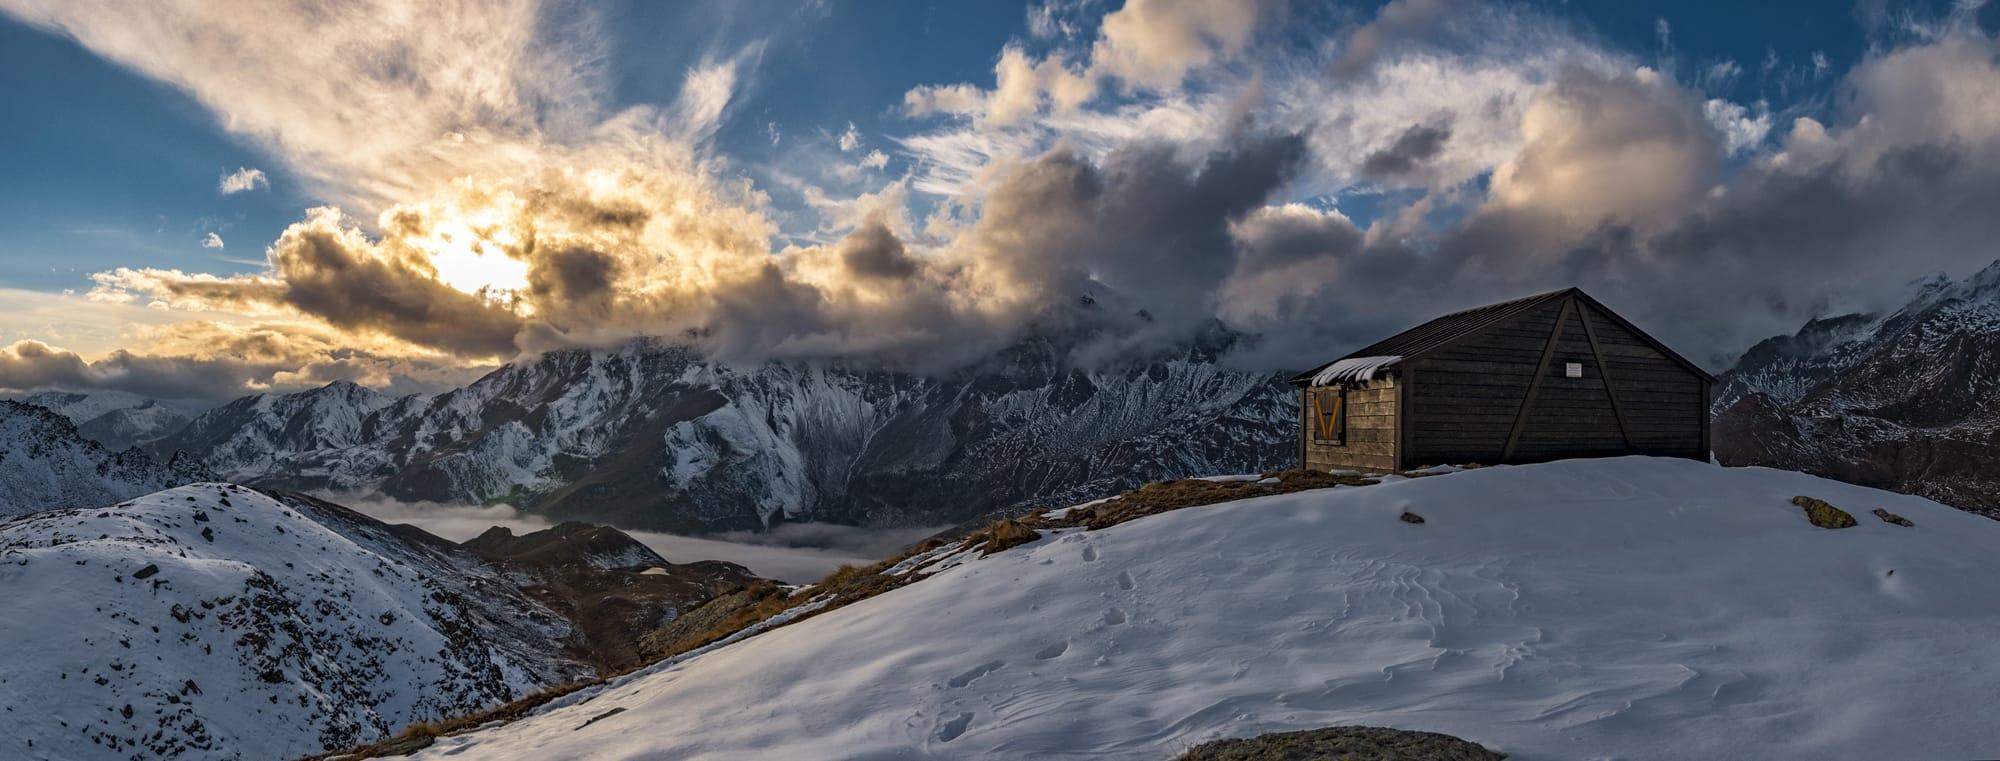 Per il Giorno internazionale della Montagna, zio Livio vi porterà sulle nostre montagne per una gita indimenticabile